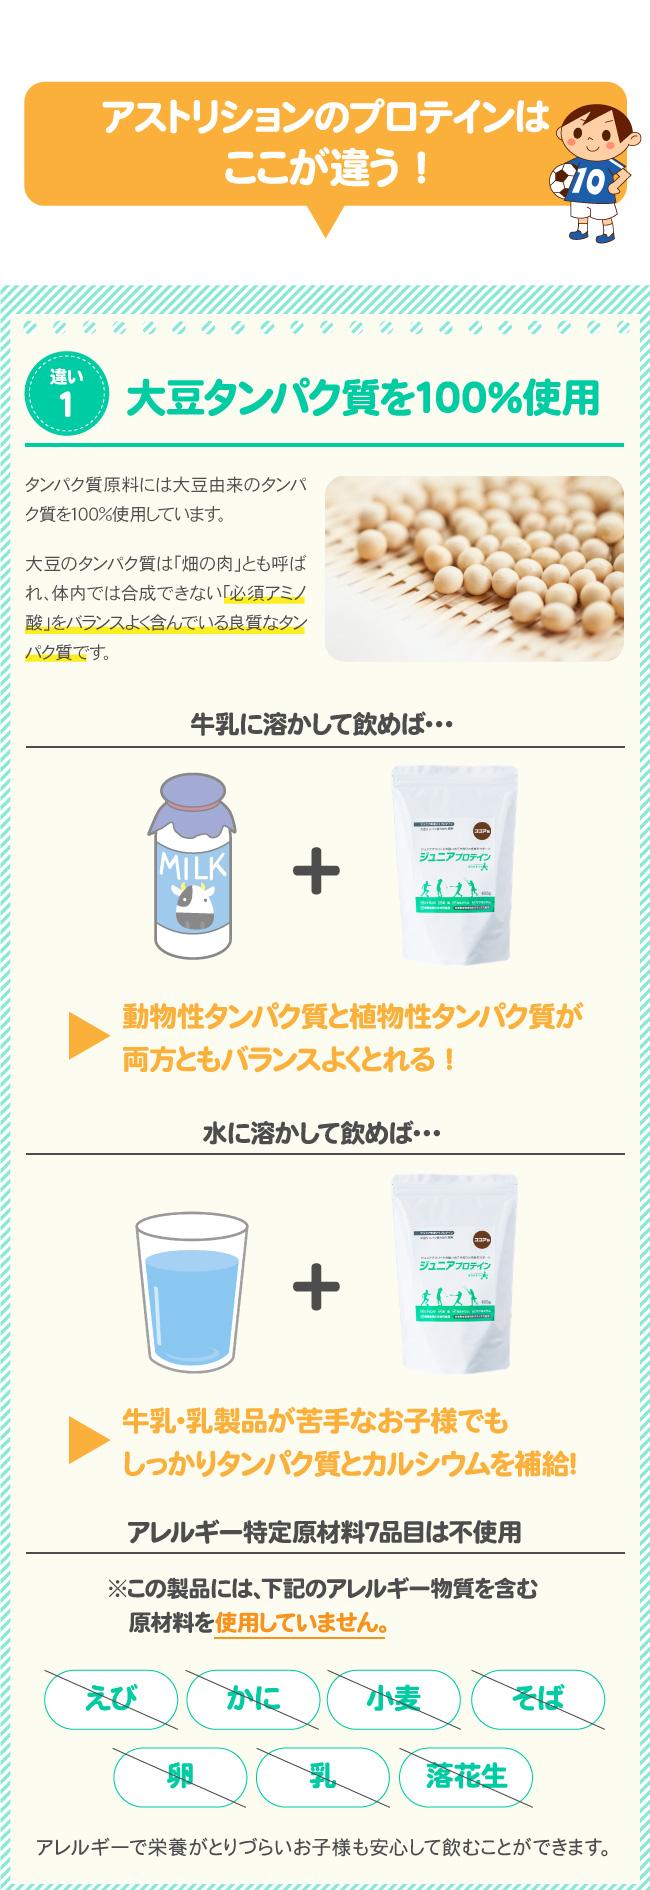 違い1:大豆タンパク質を100%使用